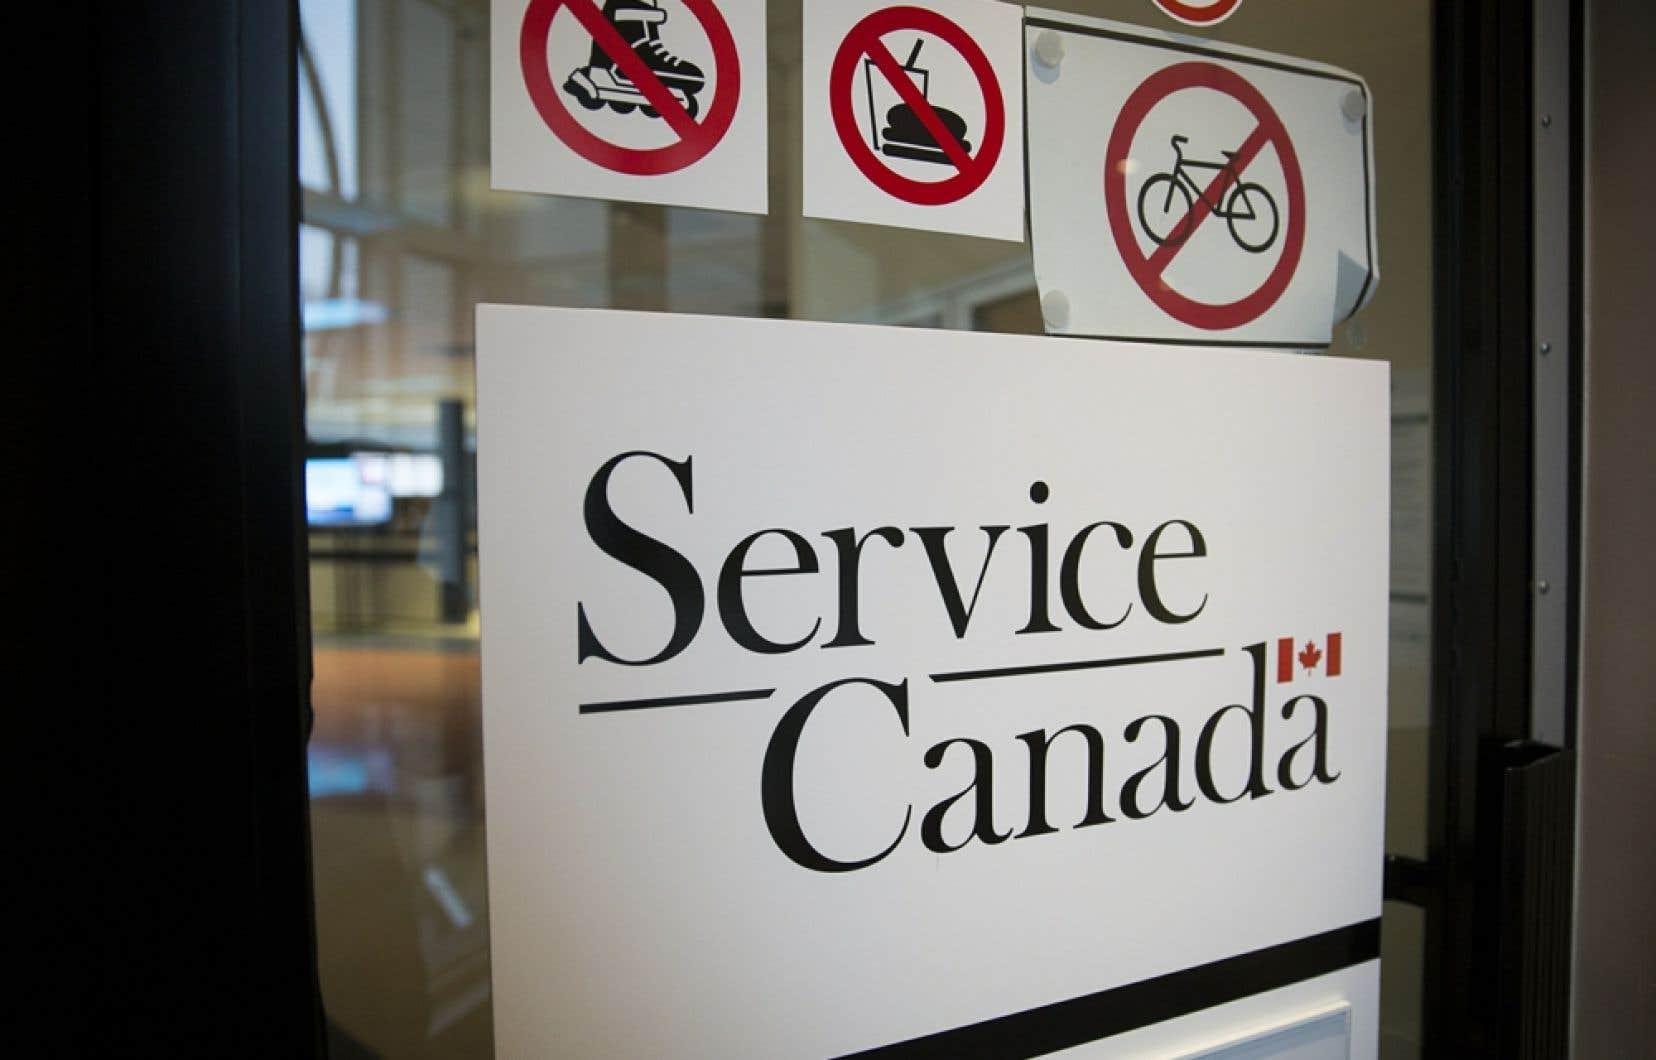 L'assurance-emploi est présentement géré au niveau fédéral par Service Canada. Cette responsabilité ne pourrait être transférée au Parlement québécois que par un amendement constitutionnel requérant l'approbation des deux Chambres à Ottawa et de sept provinces représentant 50 % de la population canadienne.